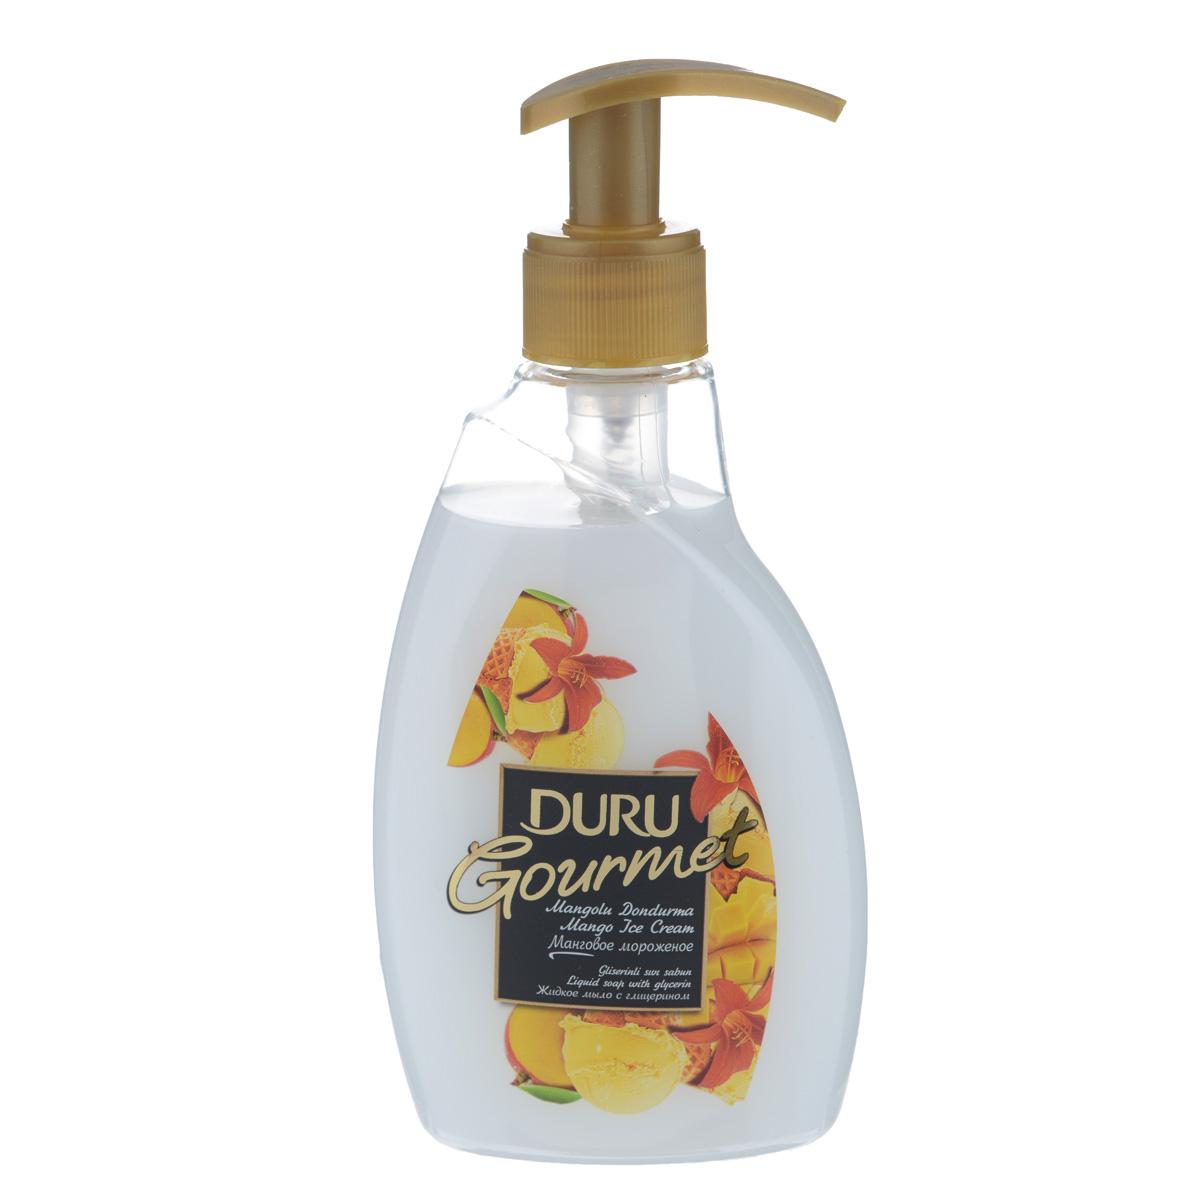 Duru GOURMET Мыло жидкое Манговое мороженое 300мл8002979032Современное средство гигиены и ухода за кожей с увлажняющим действием глицерина. Отличается приятным фруктовым ароматом и нежной текстурой.